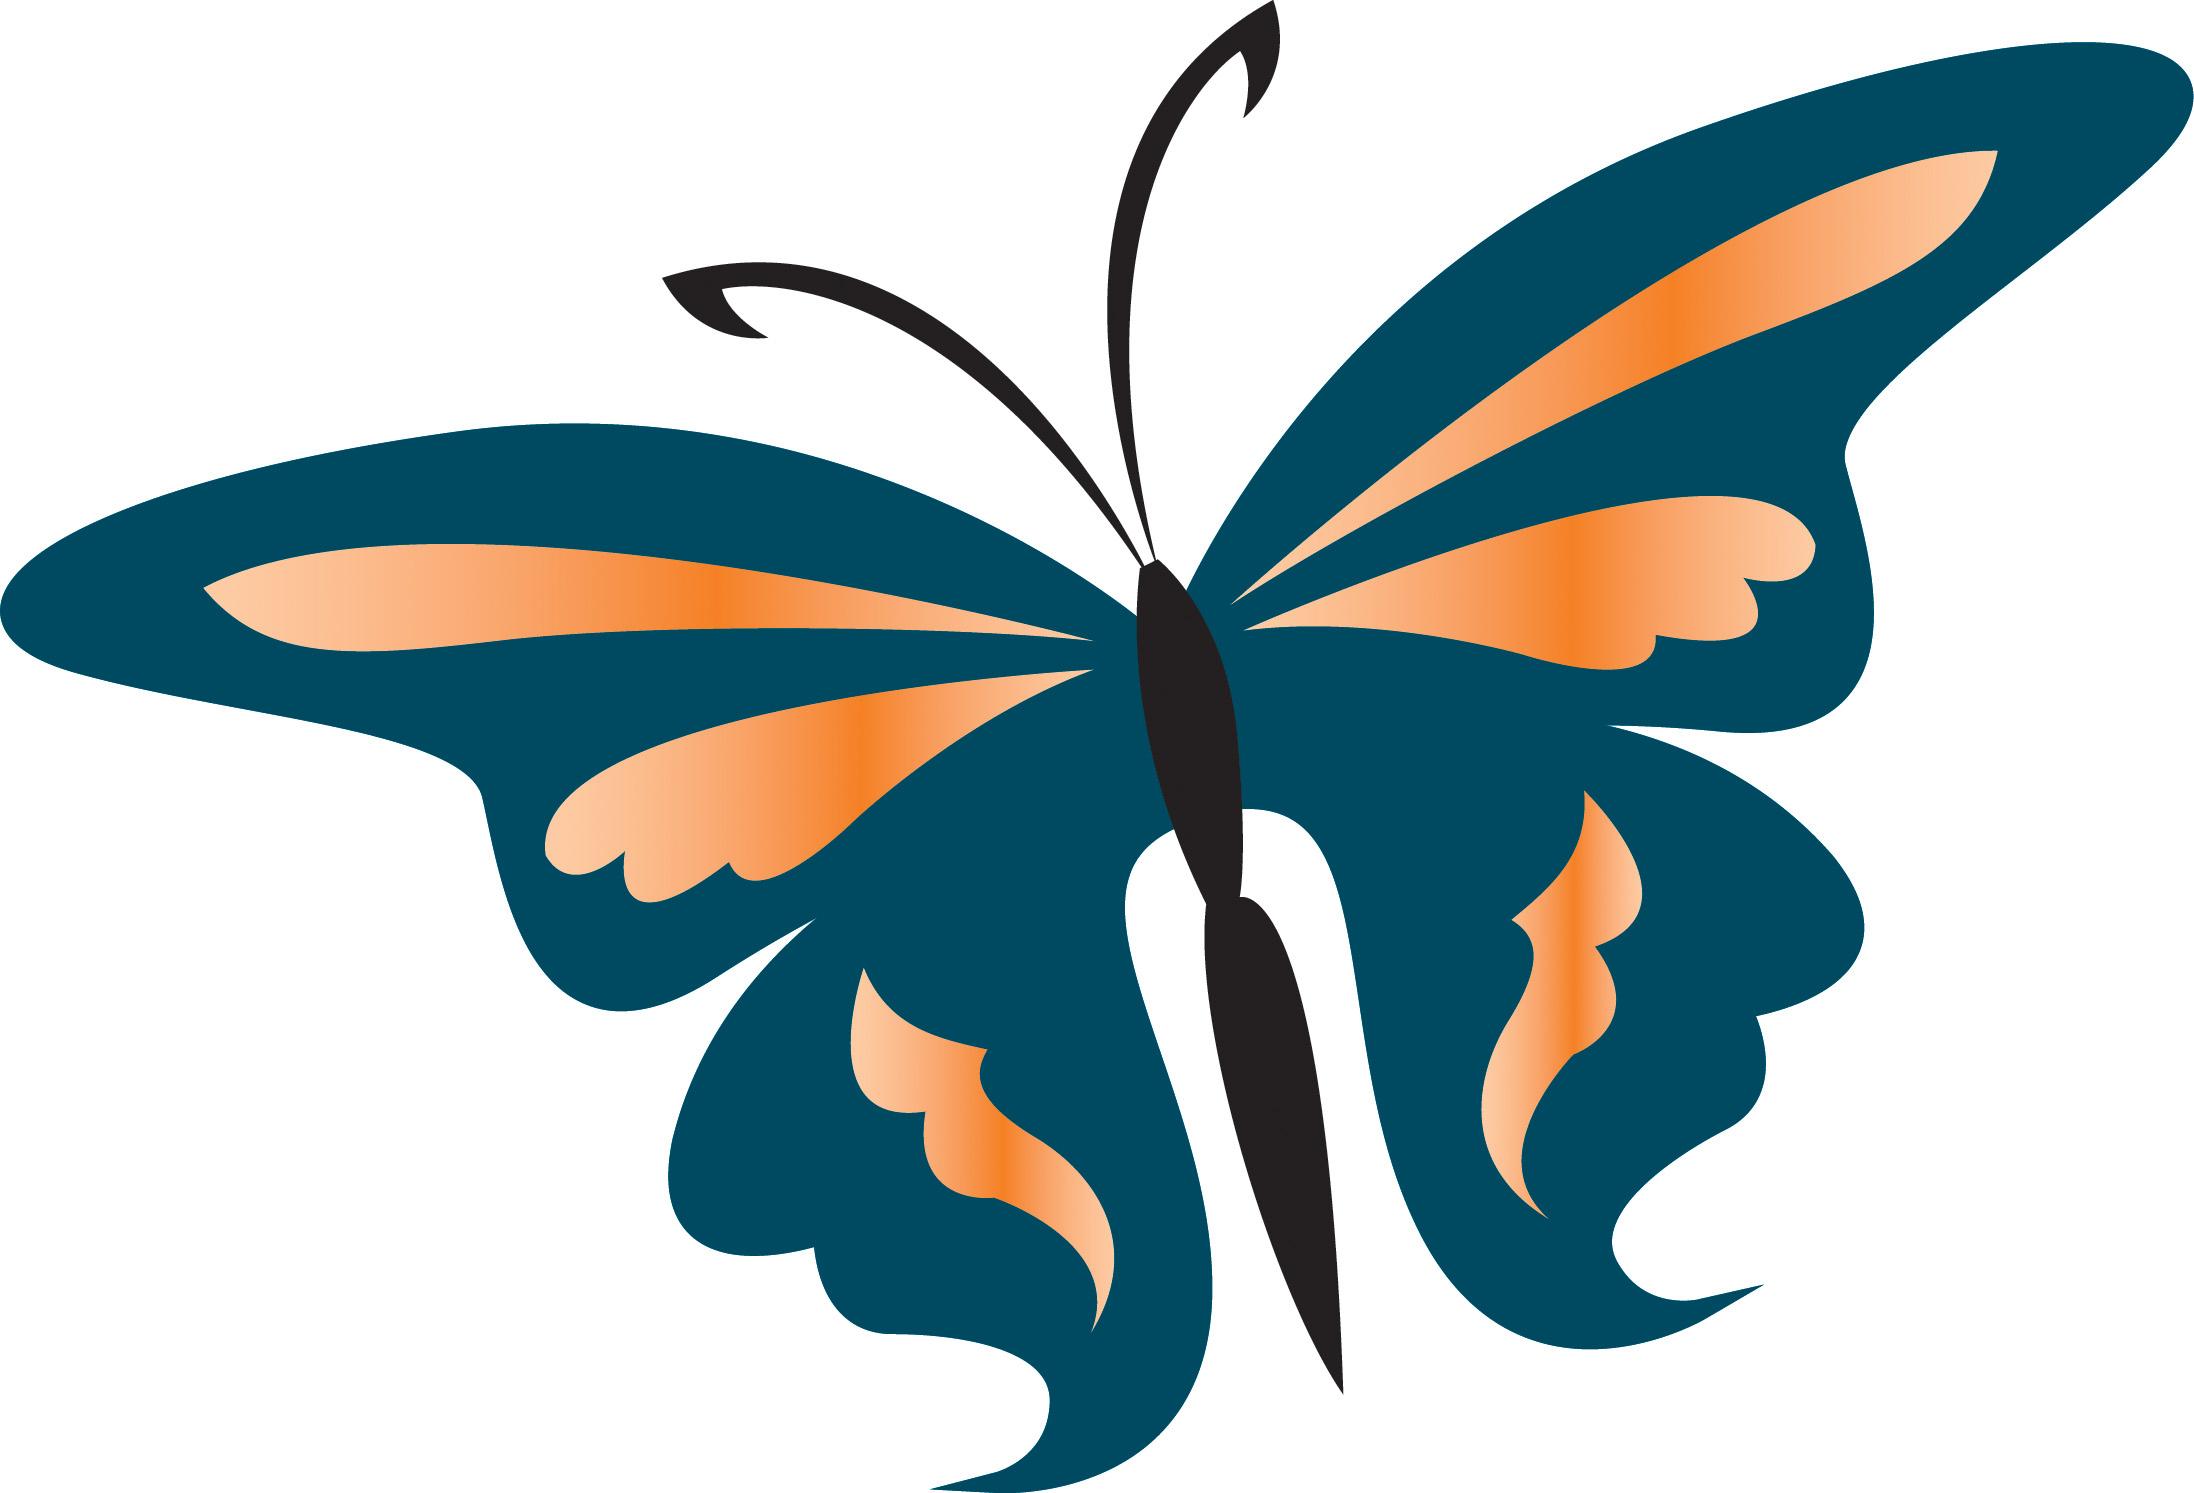 Dessin De Papillon A Imprimer Gratuit tout Dessin A Imprimer Papillon Gratuit